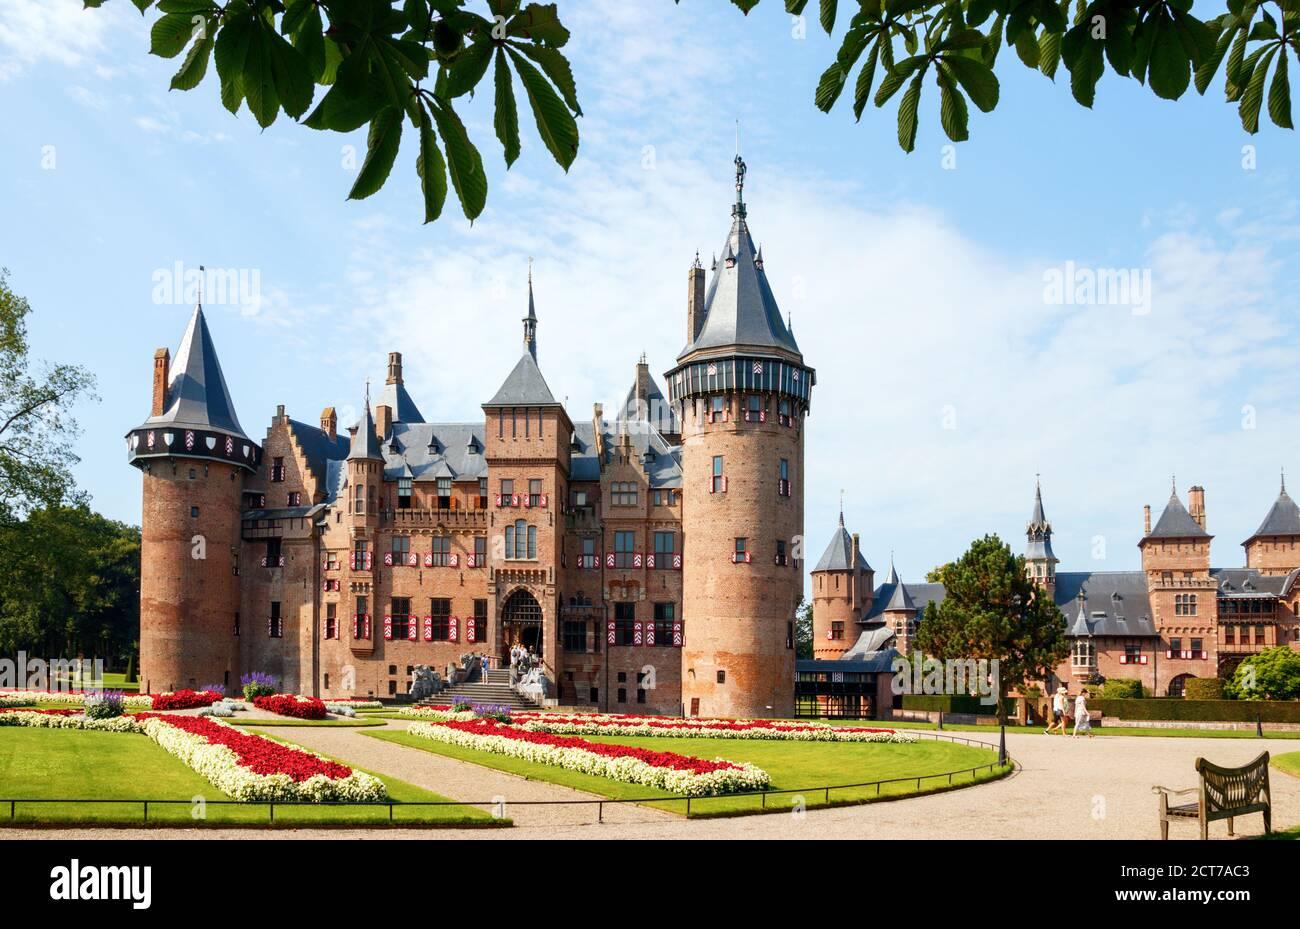 Haarzuilens. Castillo el Haar y los jardines de los alrededores en un día soleado. Lado de entrada del edificio. Utrecht, países Bajos. Foto de stock